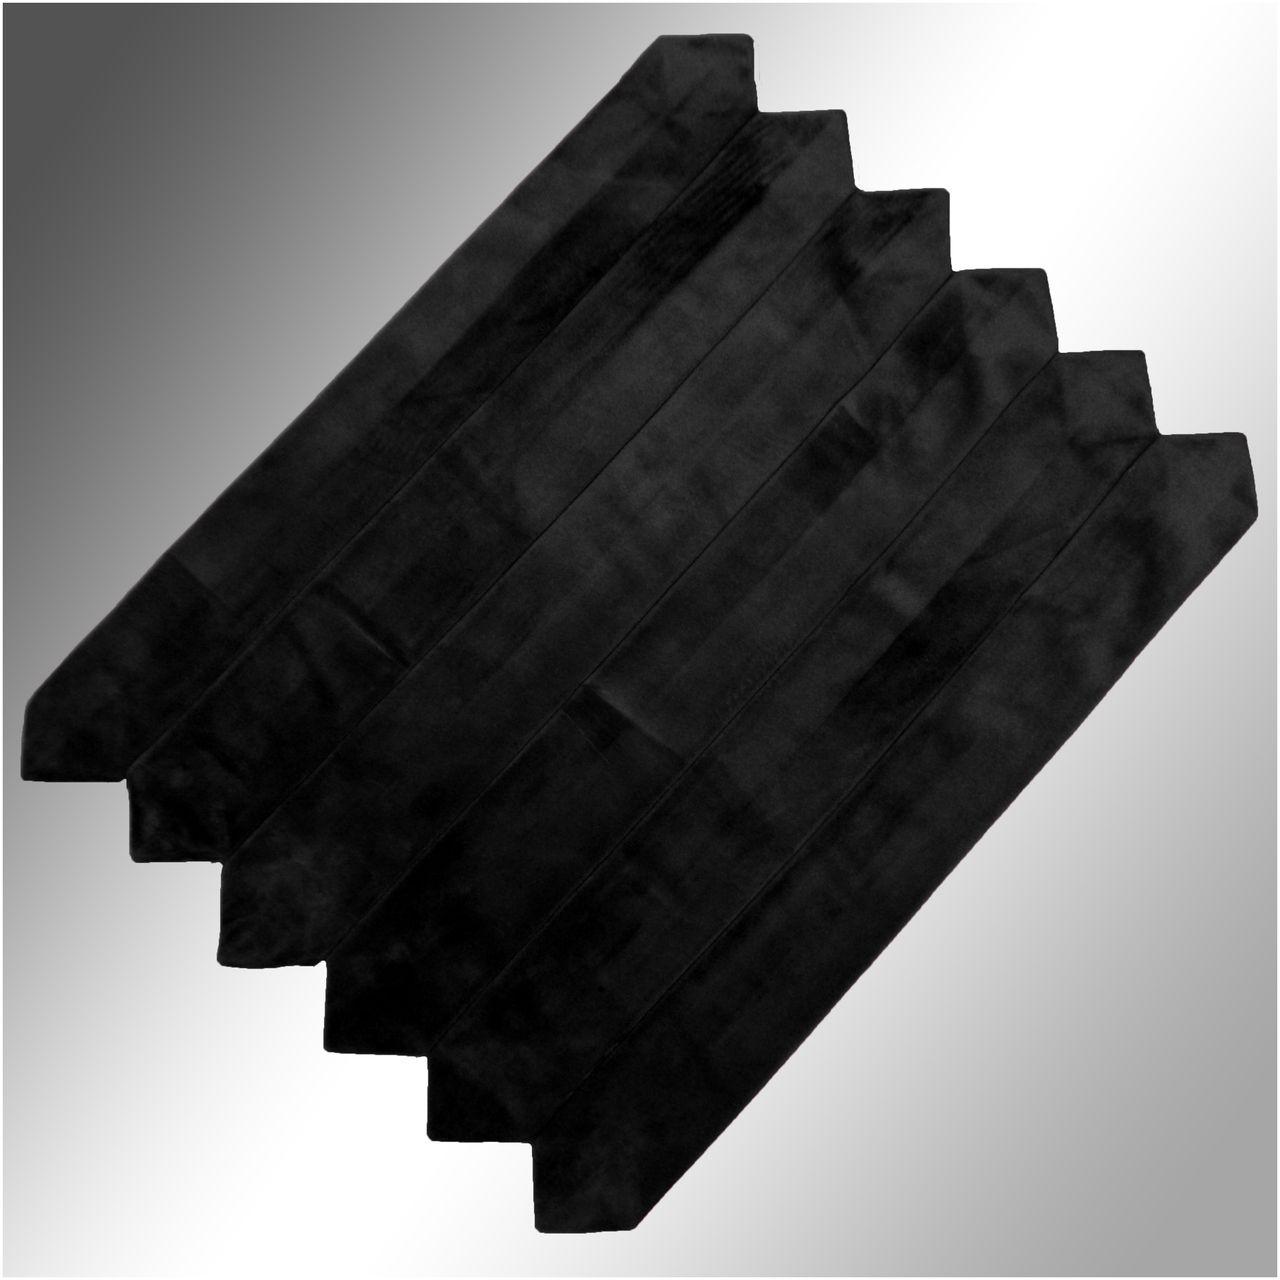 Velvet Clergy Doctor Bars (Set of 6) - Black